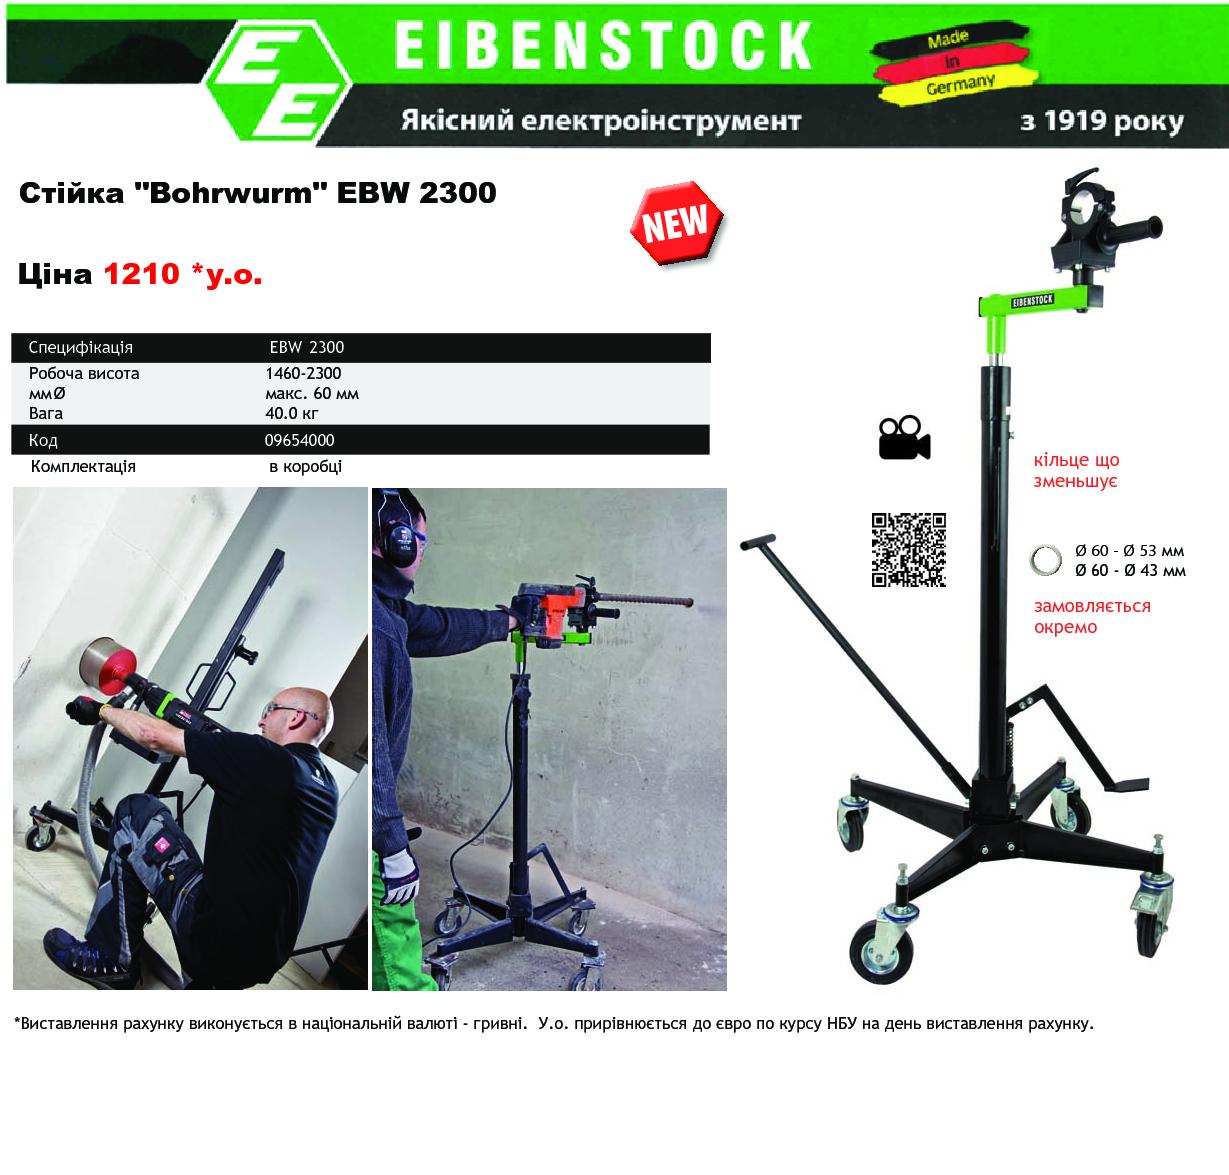 Буровая установка «Bohrwurm» Eibenstock EBW 2300